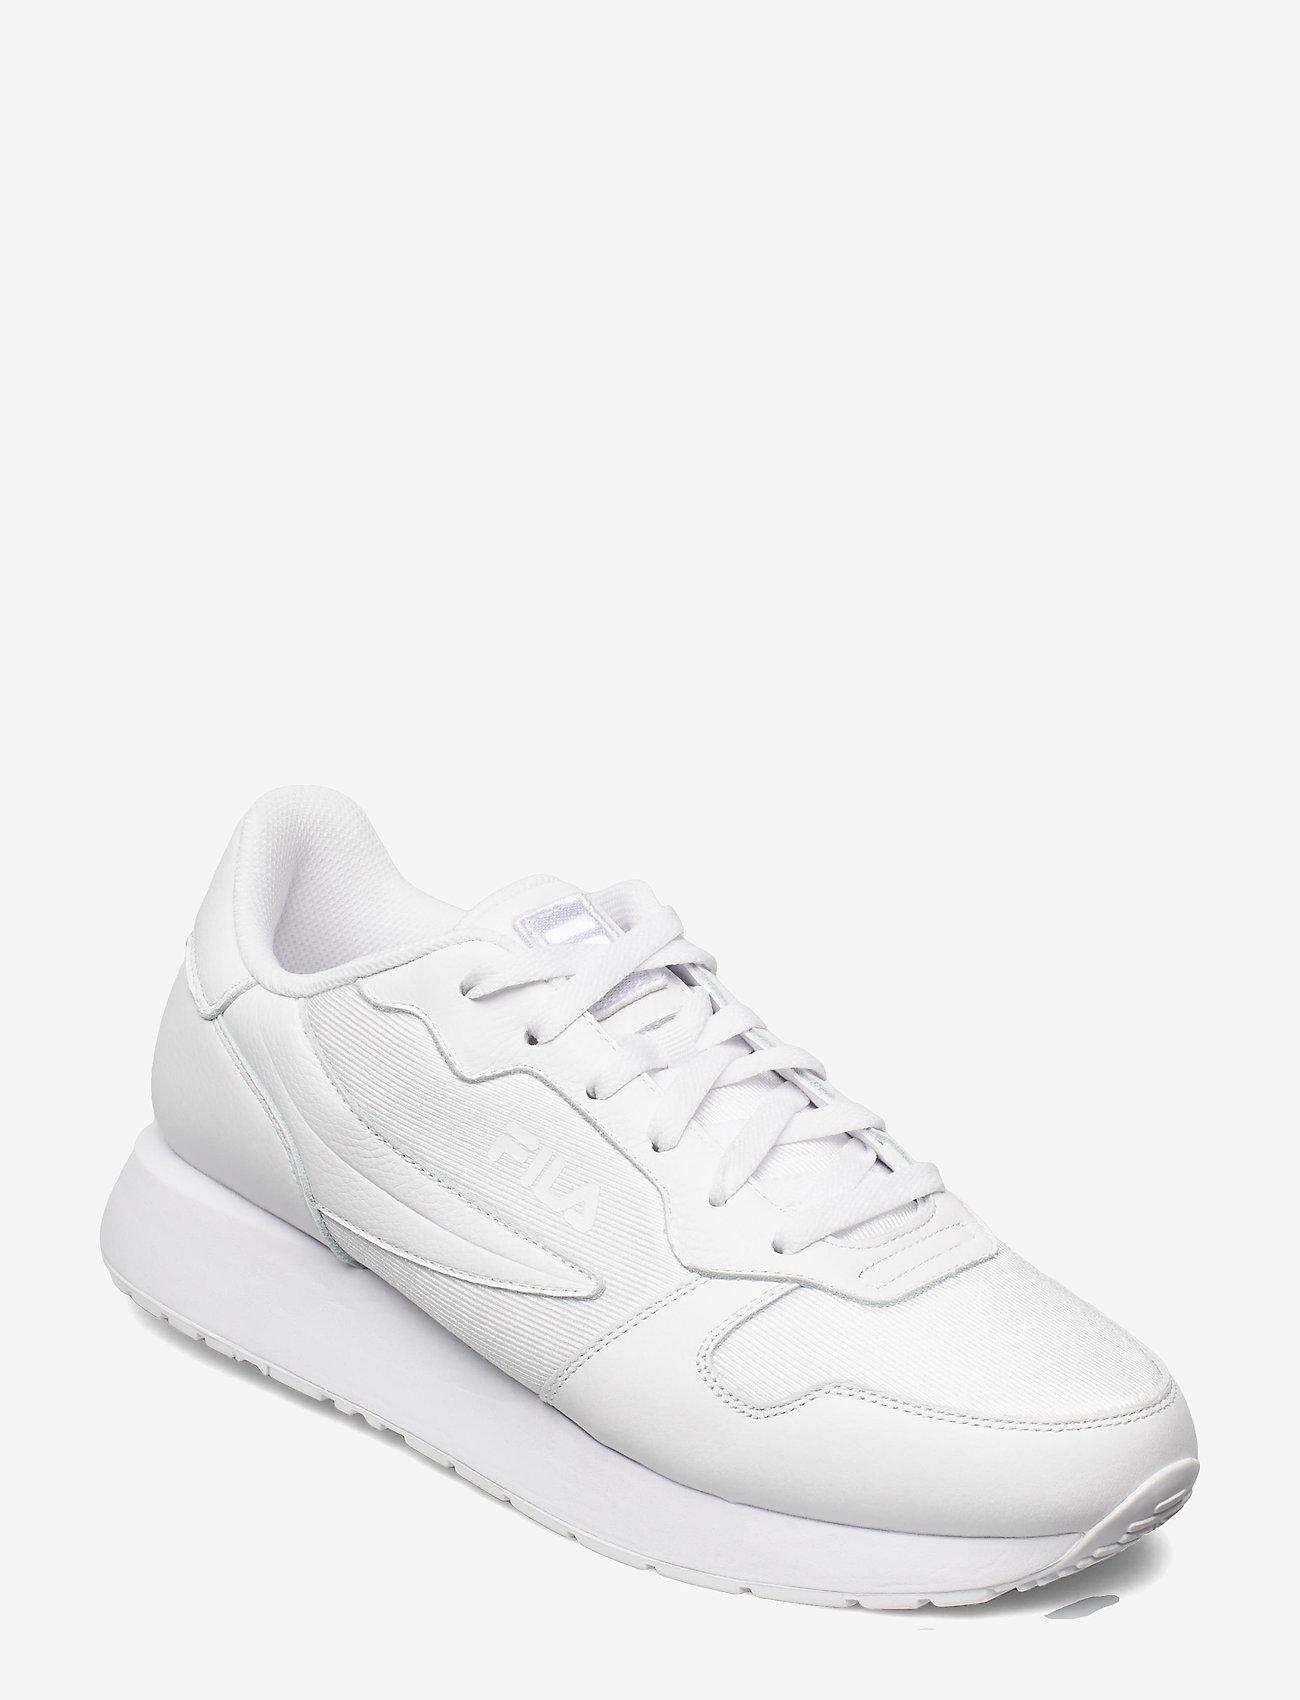 FILA - Retroque - baskets basses - white / white - 0